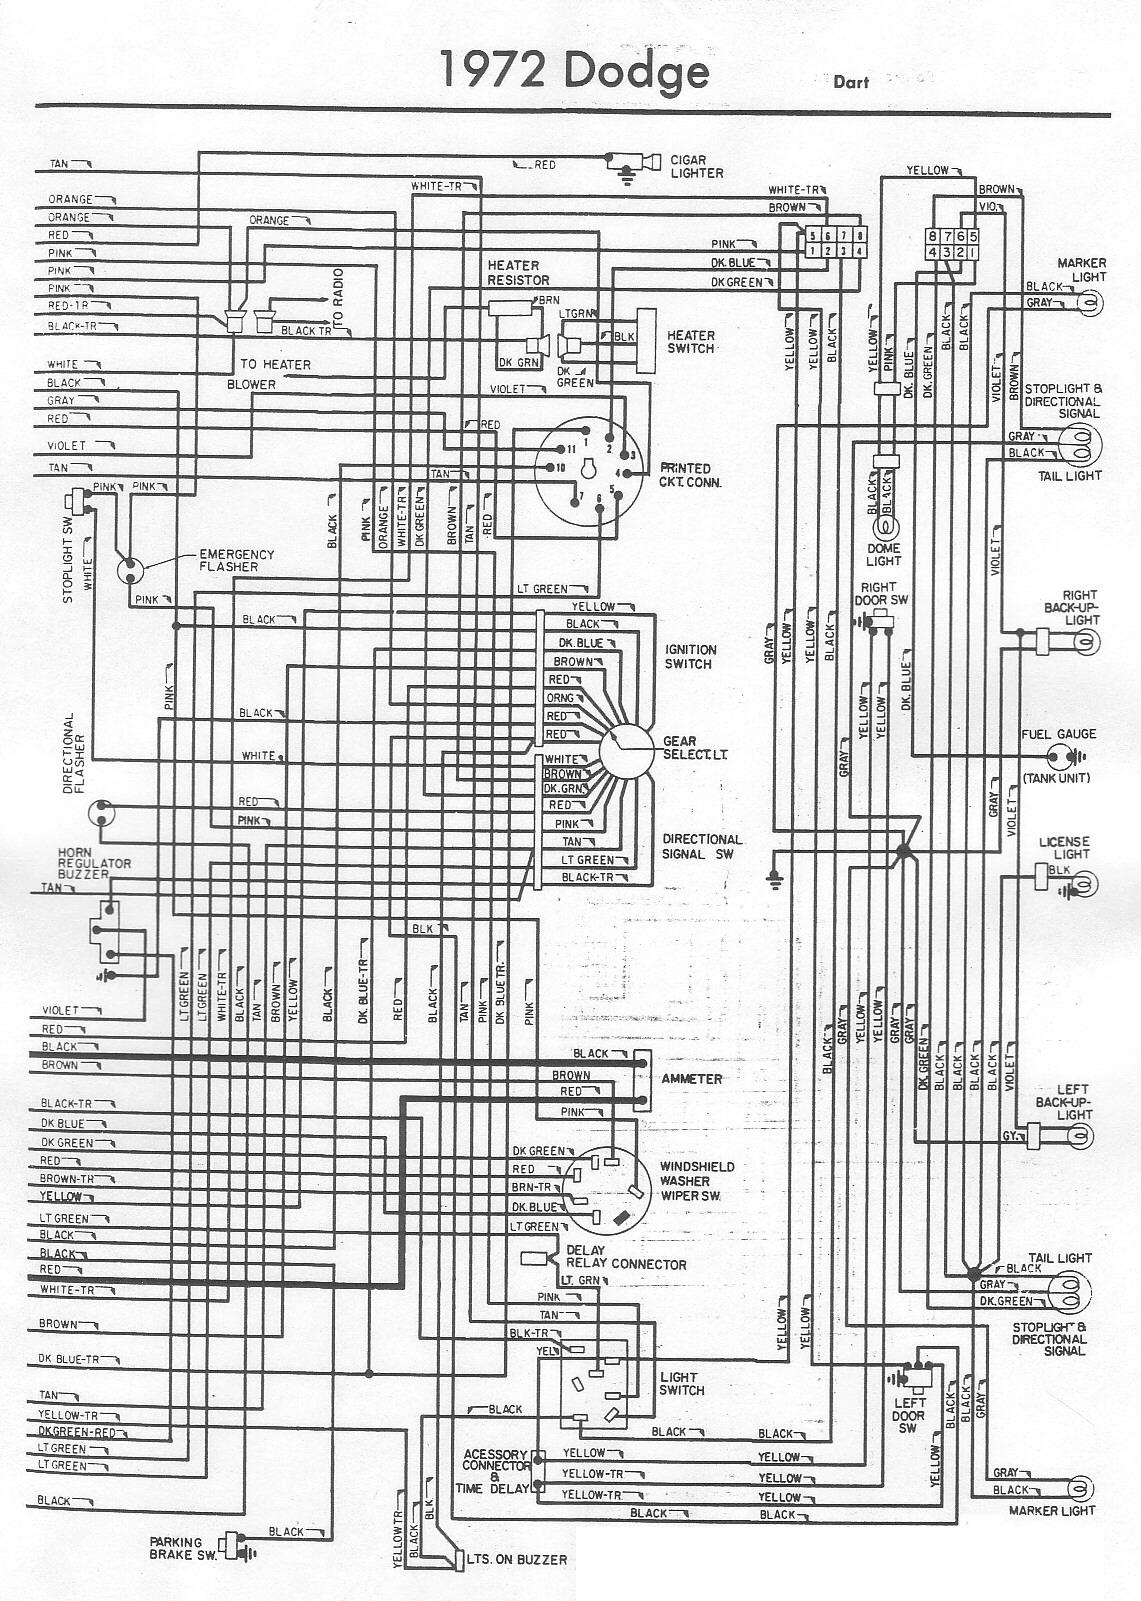 Hd 7604 1972 Dodge Van Wiring Diagram Schematic Wiring